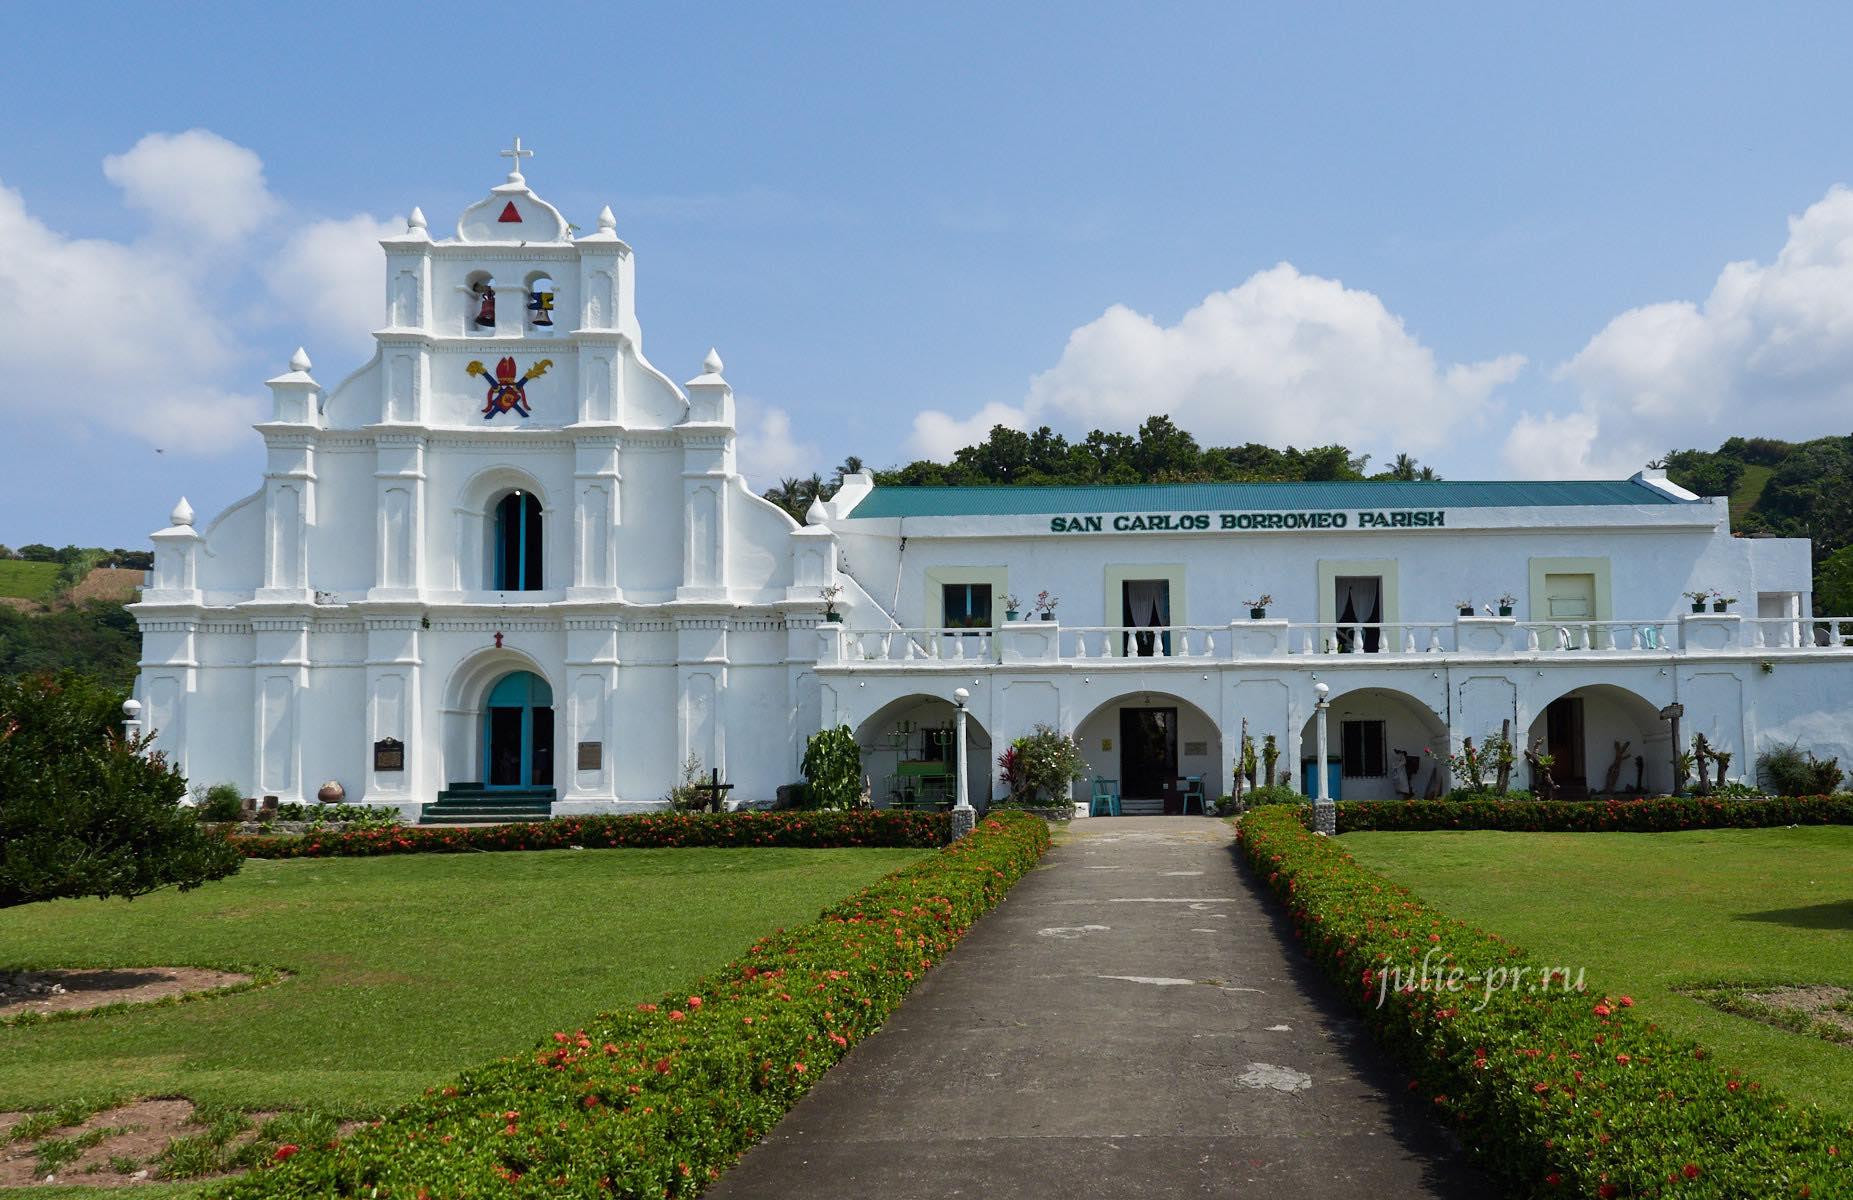 Филиппины, острова Батанес, Mahatao, San Carlos Borromeo Church